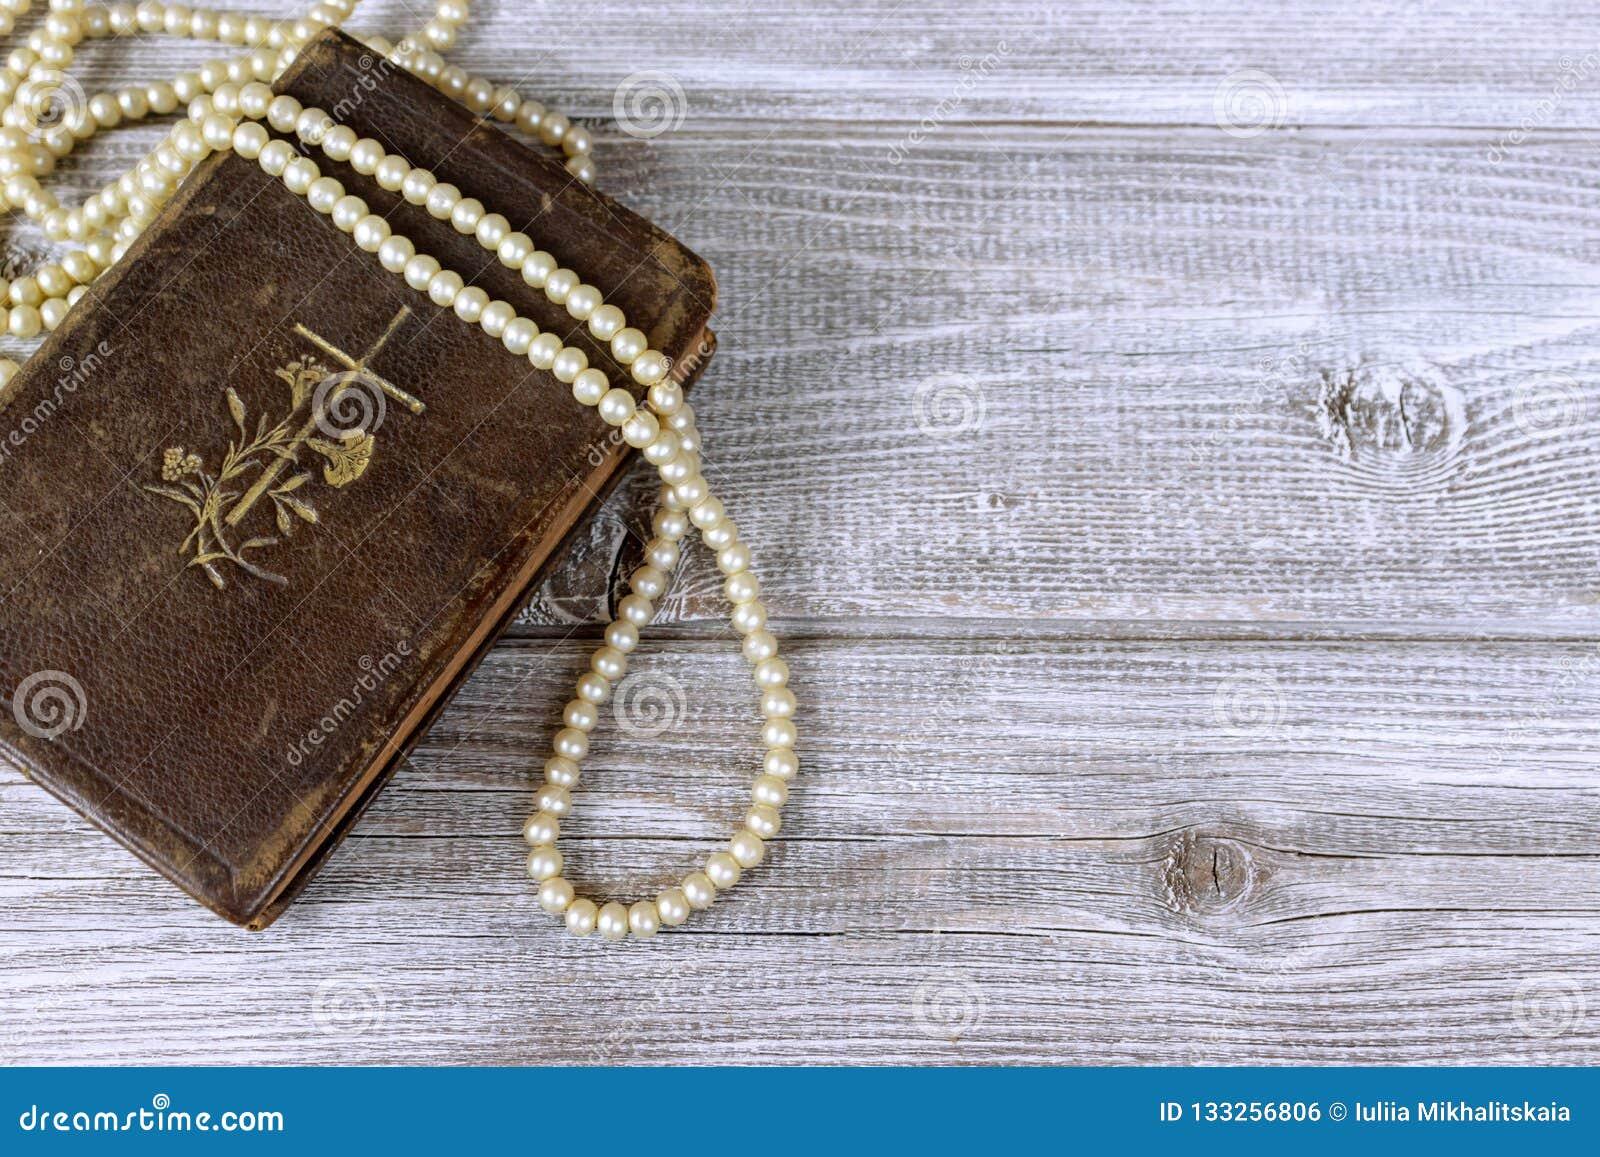 在土气木桌上的老圣经和念珠小珠